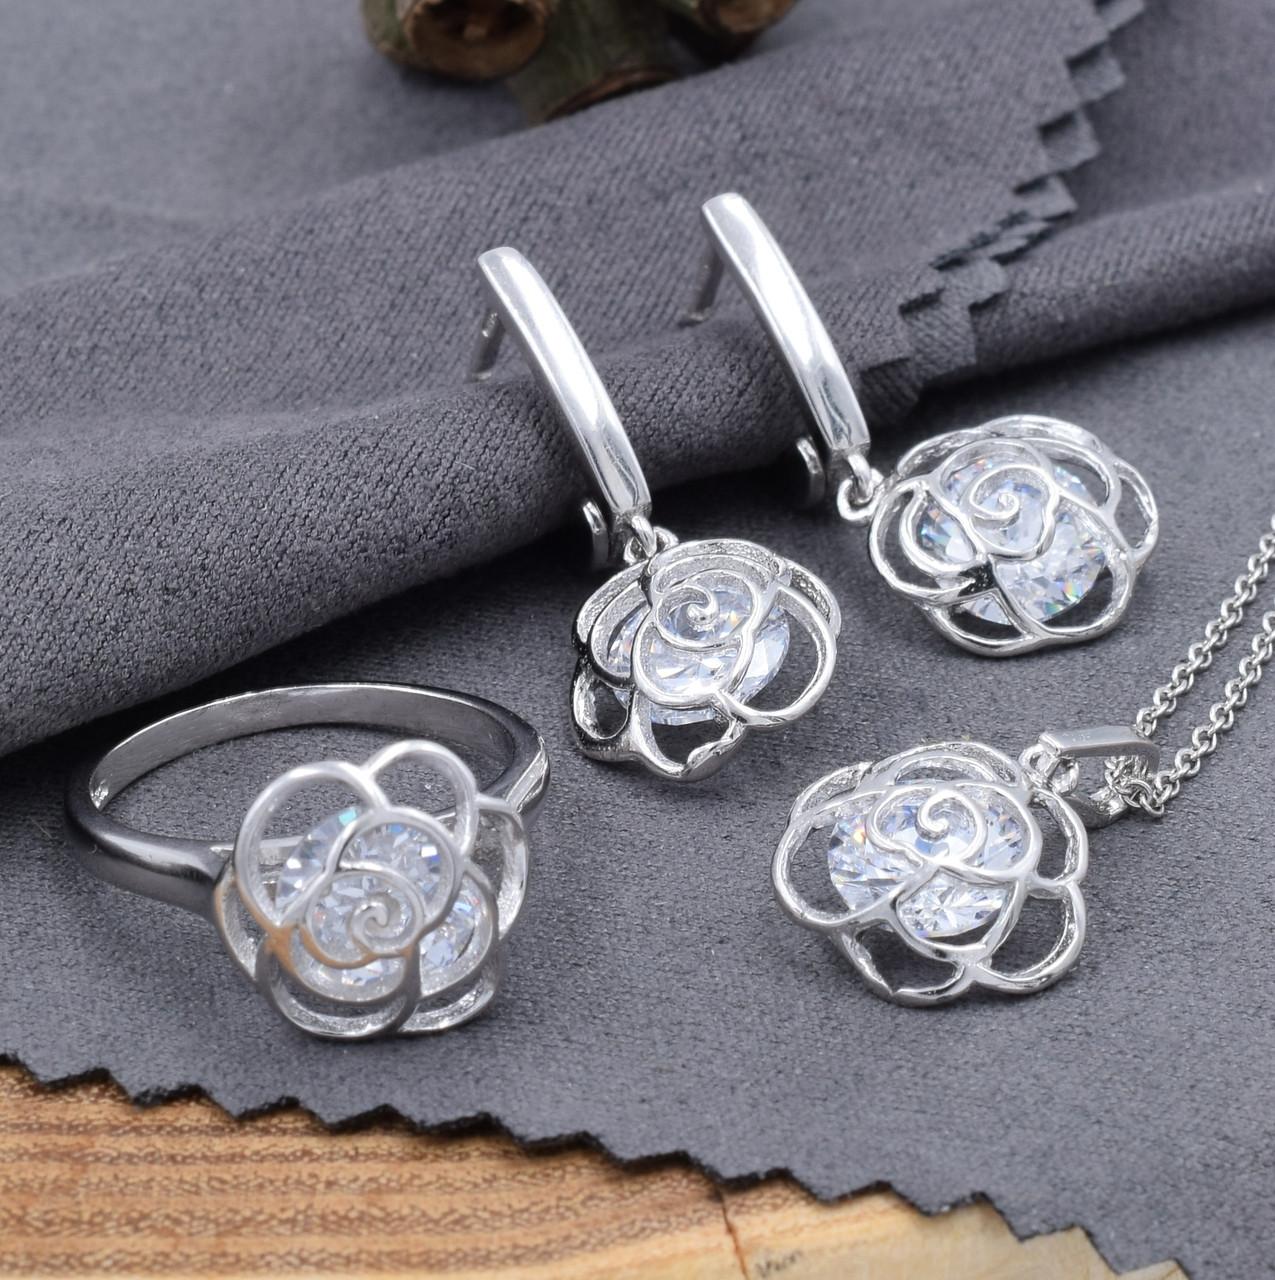 Серебряные ювелирные украшения: кольца, цепочки, сережки